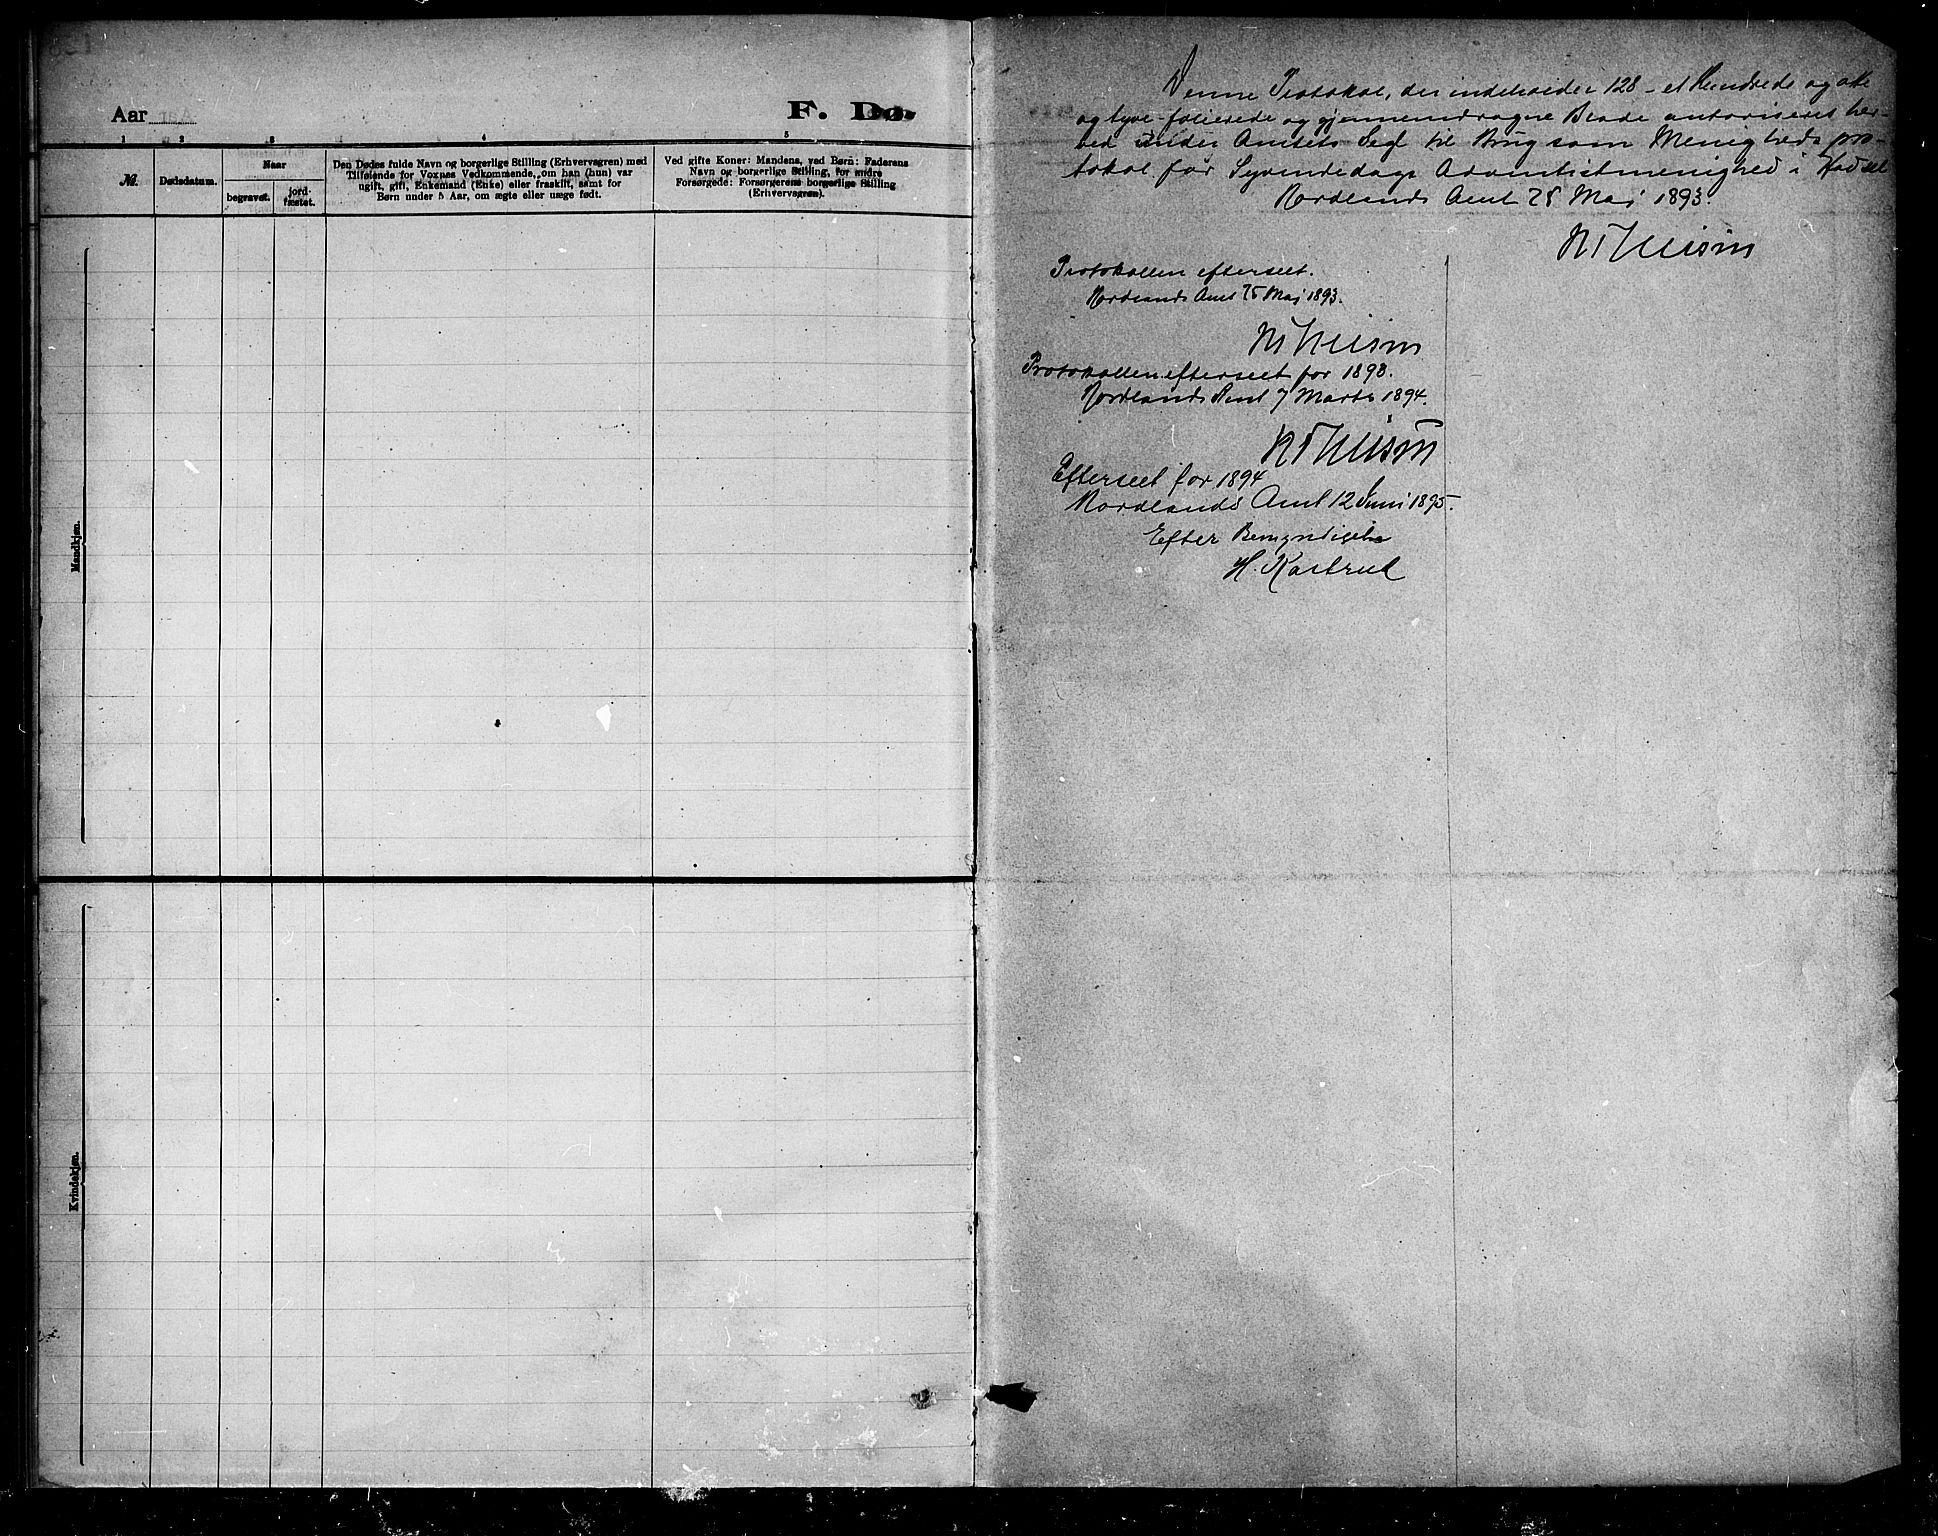 SAT, Dissenterprotokoll nr. 888D01, 1889-1902